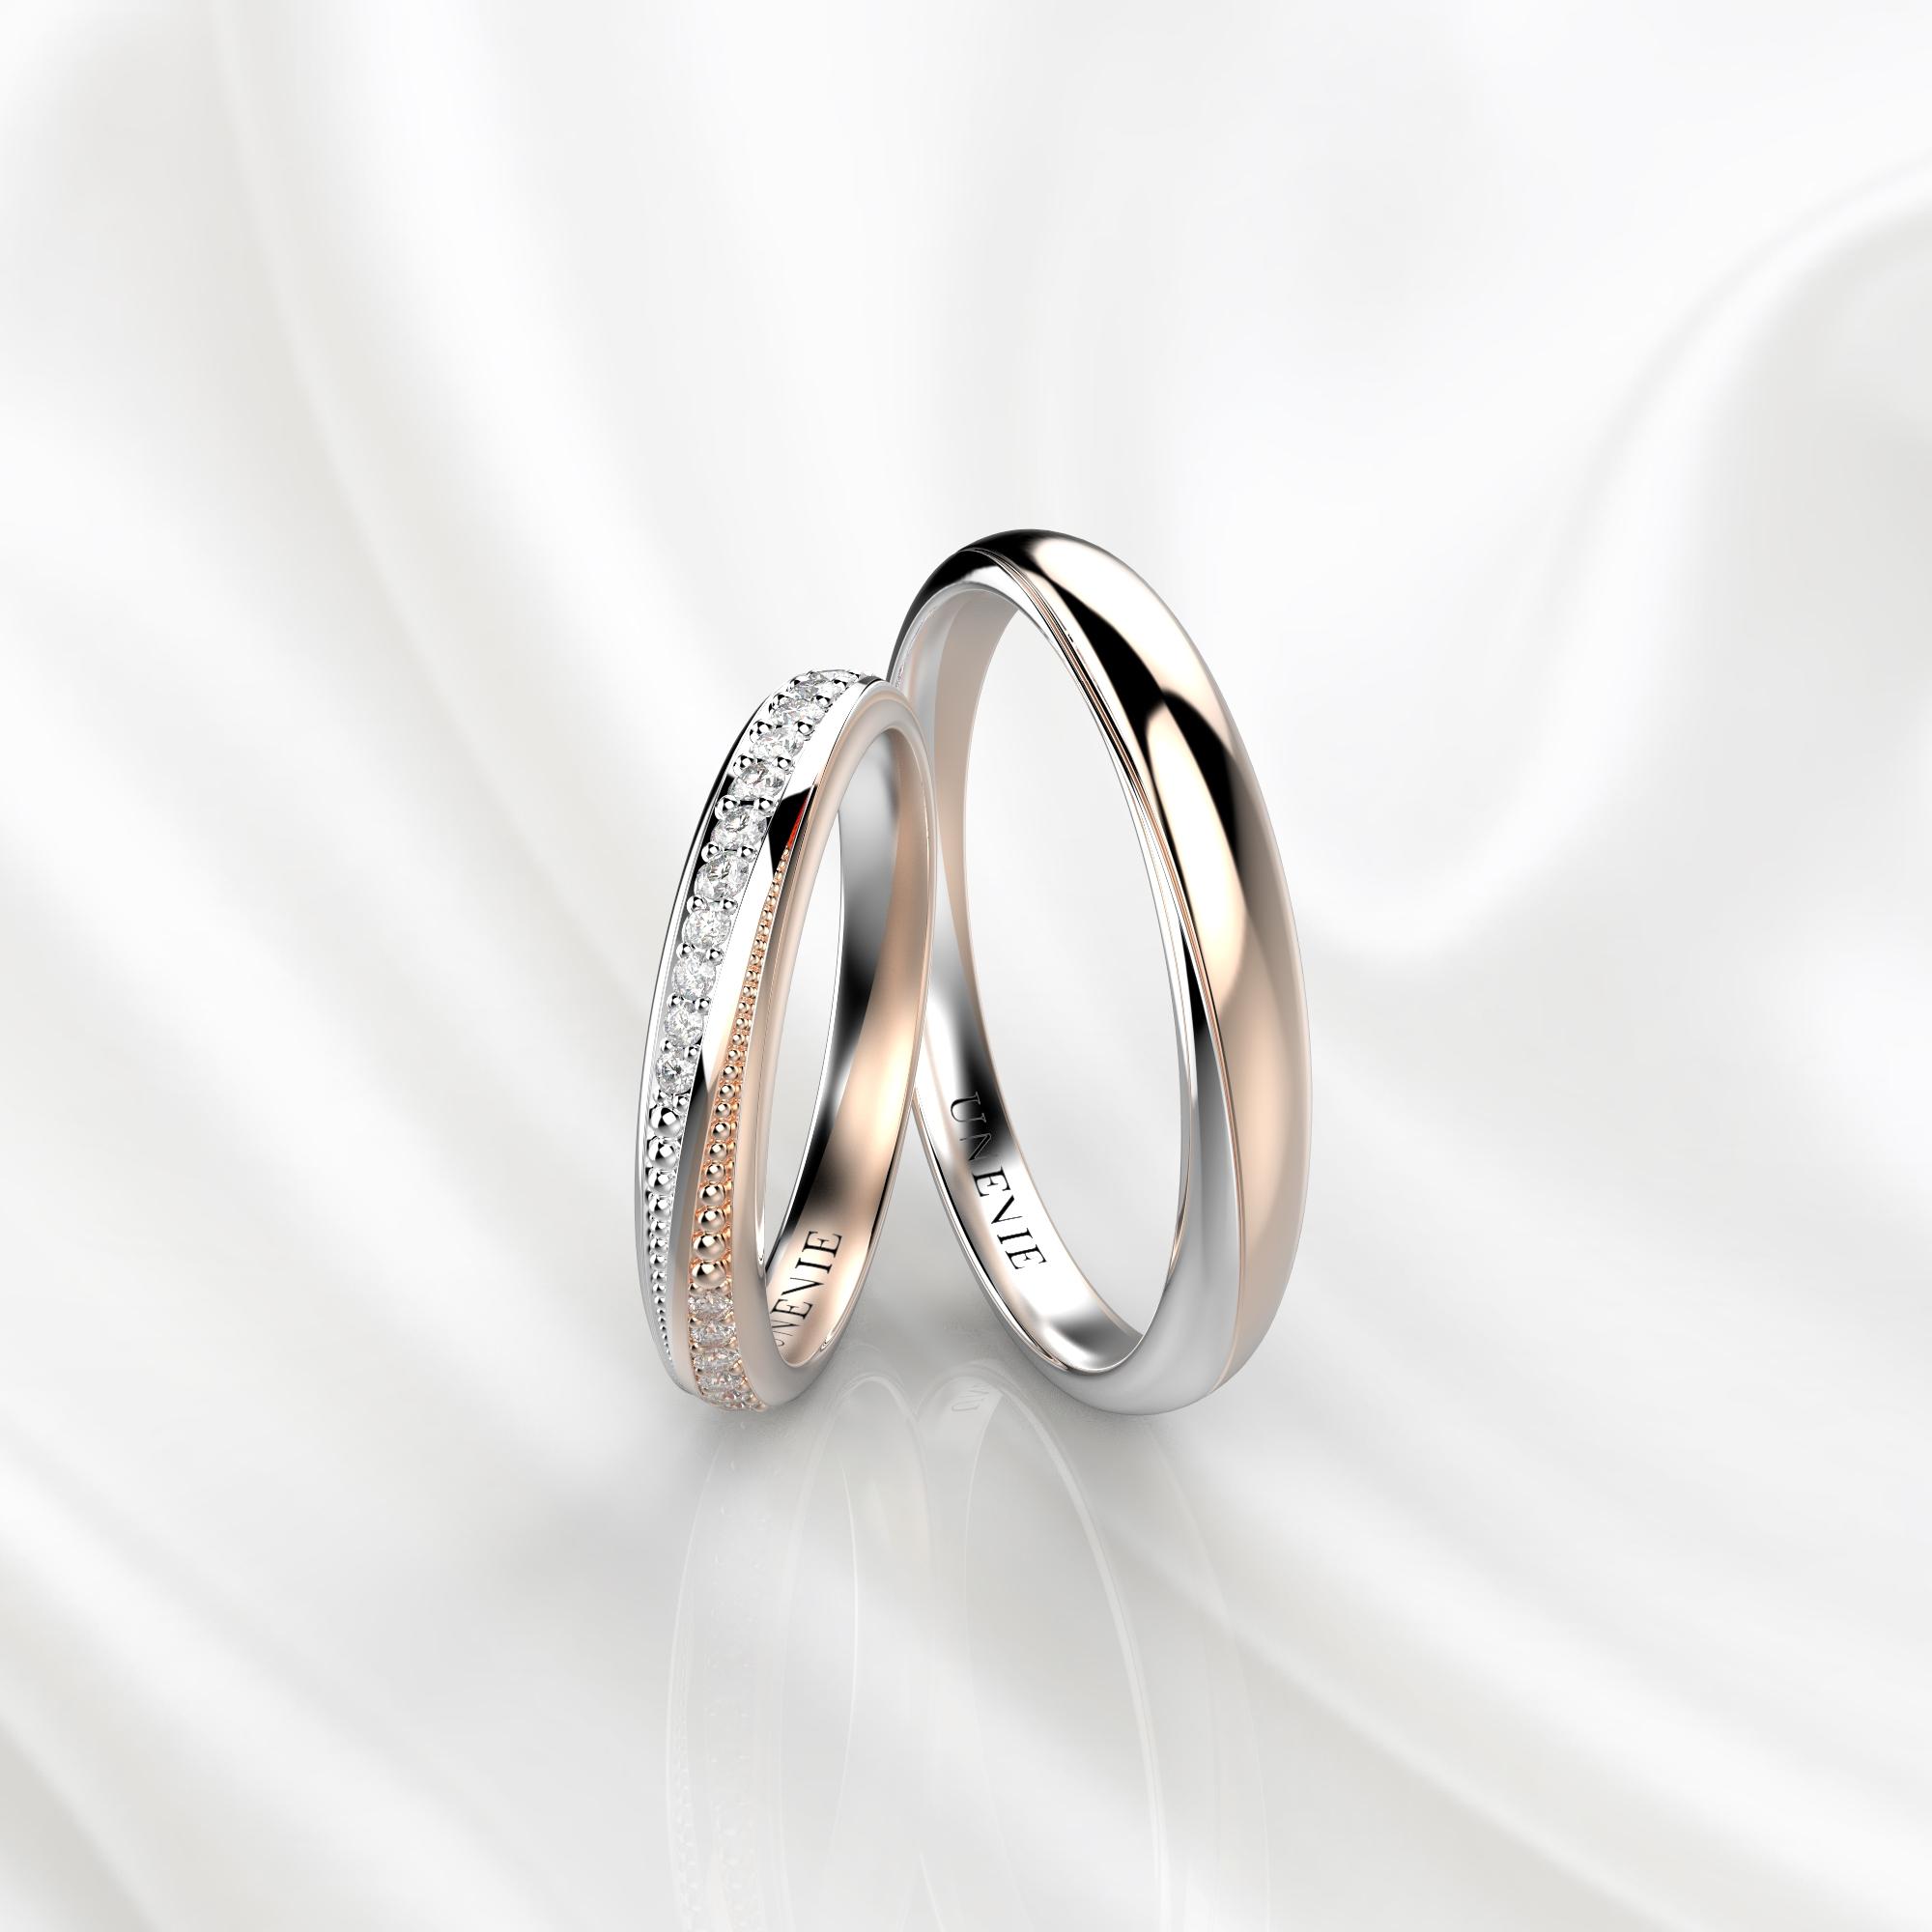 NV38 Обручальные кольца из бело-розового золота с бриллиантами